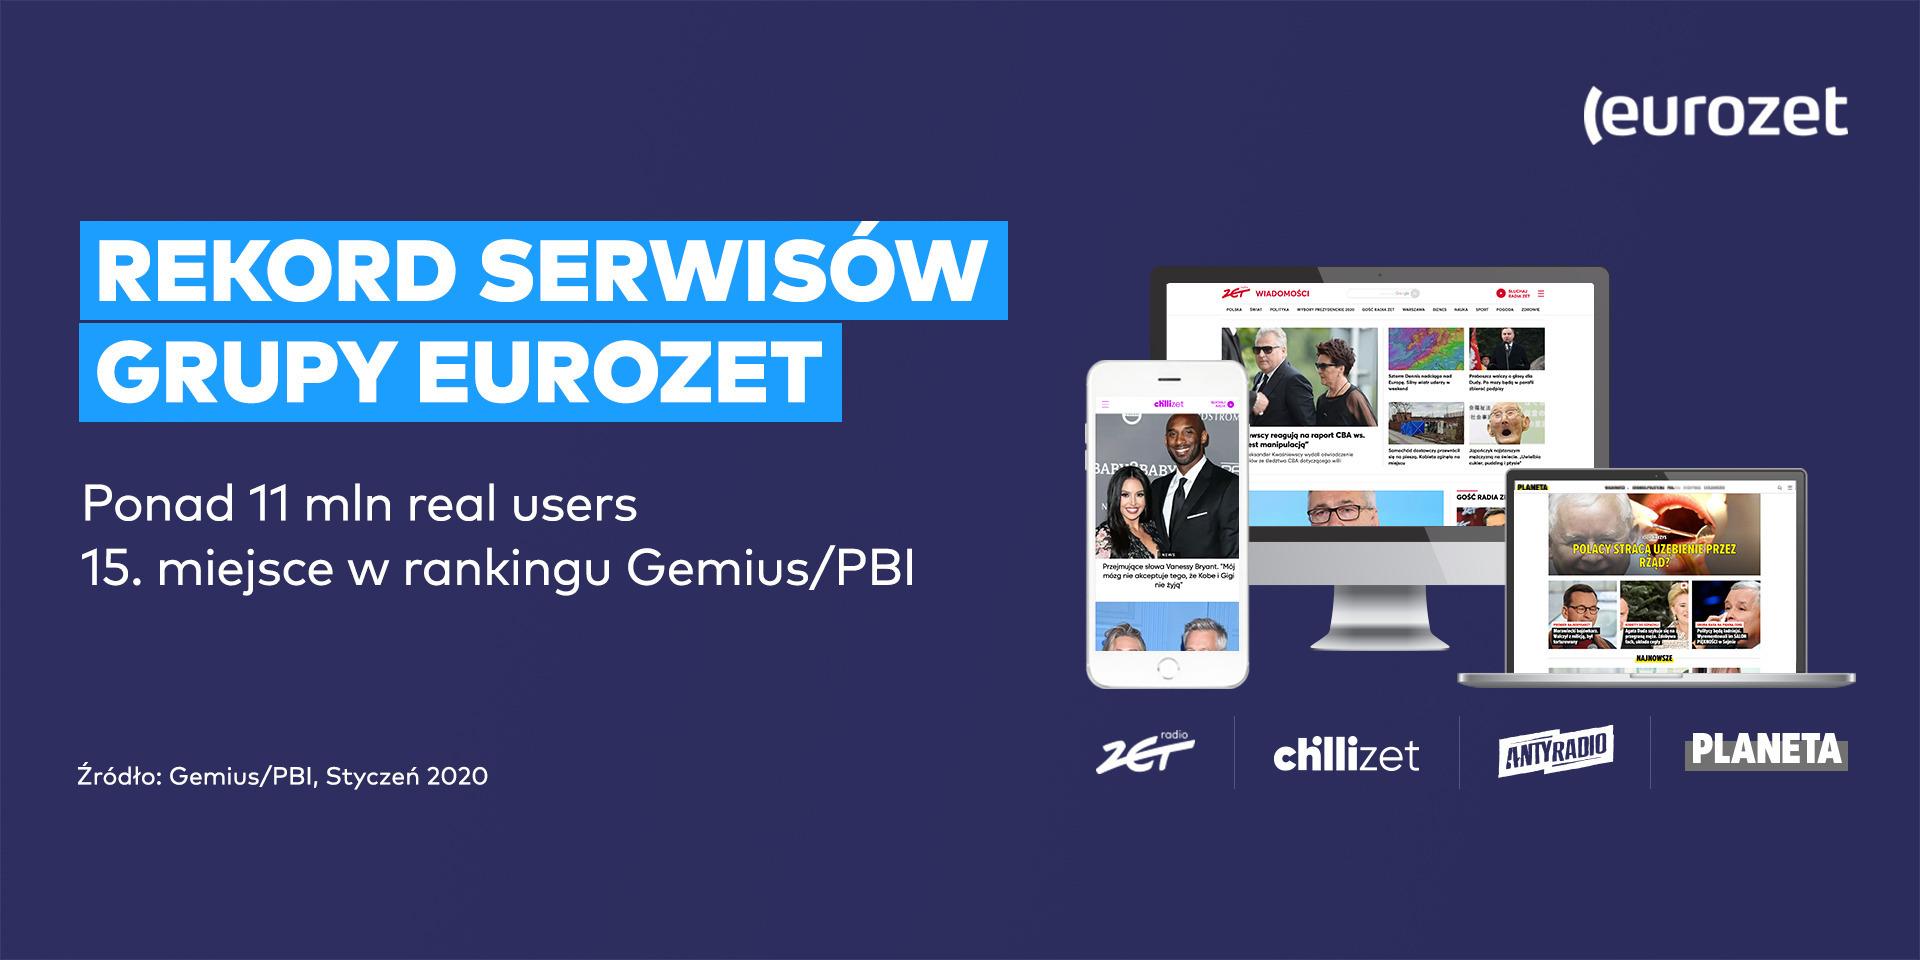 Kolejny rekordowy miesiąc online Eurozetu